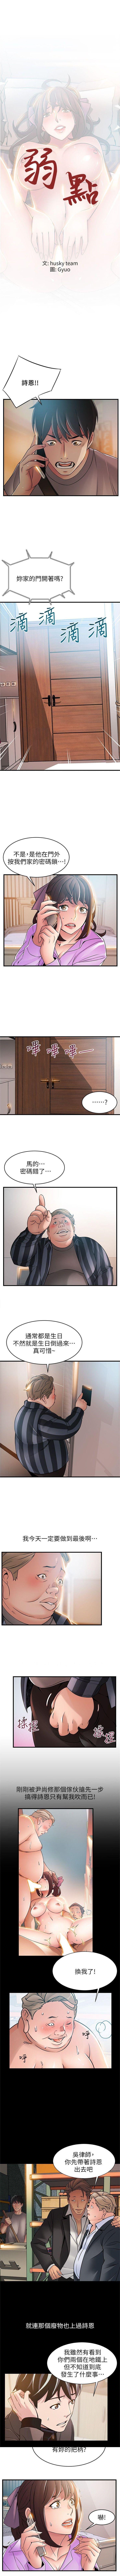 (周7)弱点 1-66 中文翻译(更新中) 211